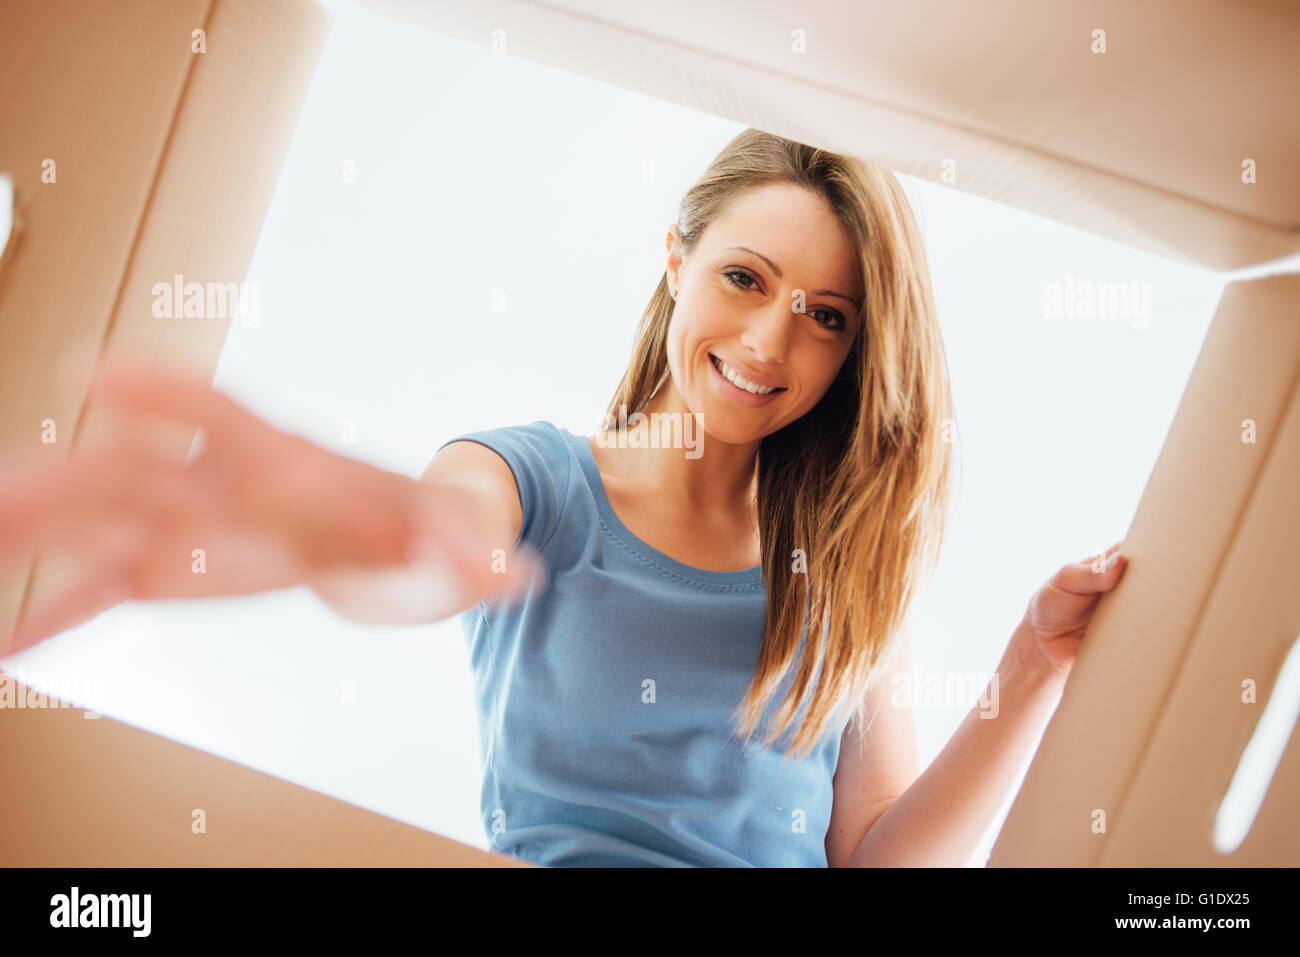 Lächelnde junge Frau einen Karton, Umzug öffnen und Auspacken Konzept Stockbild